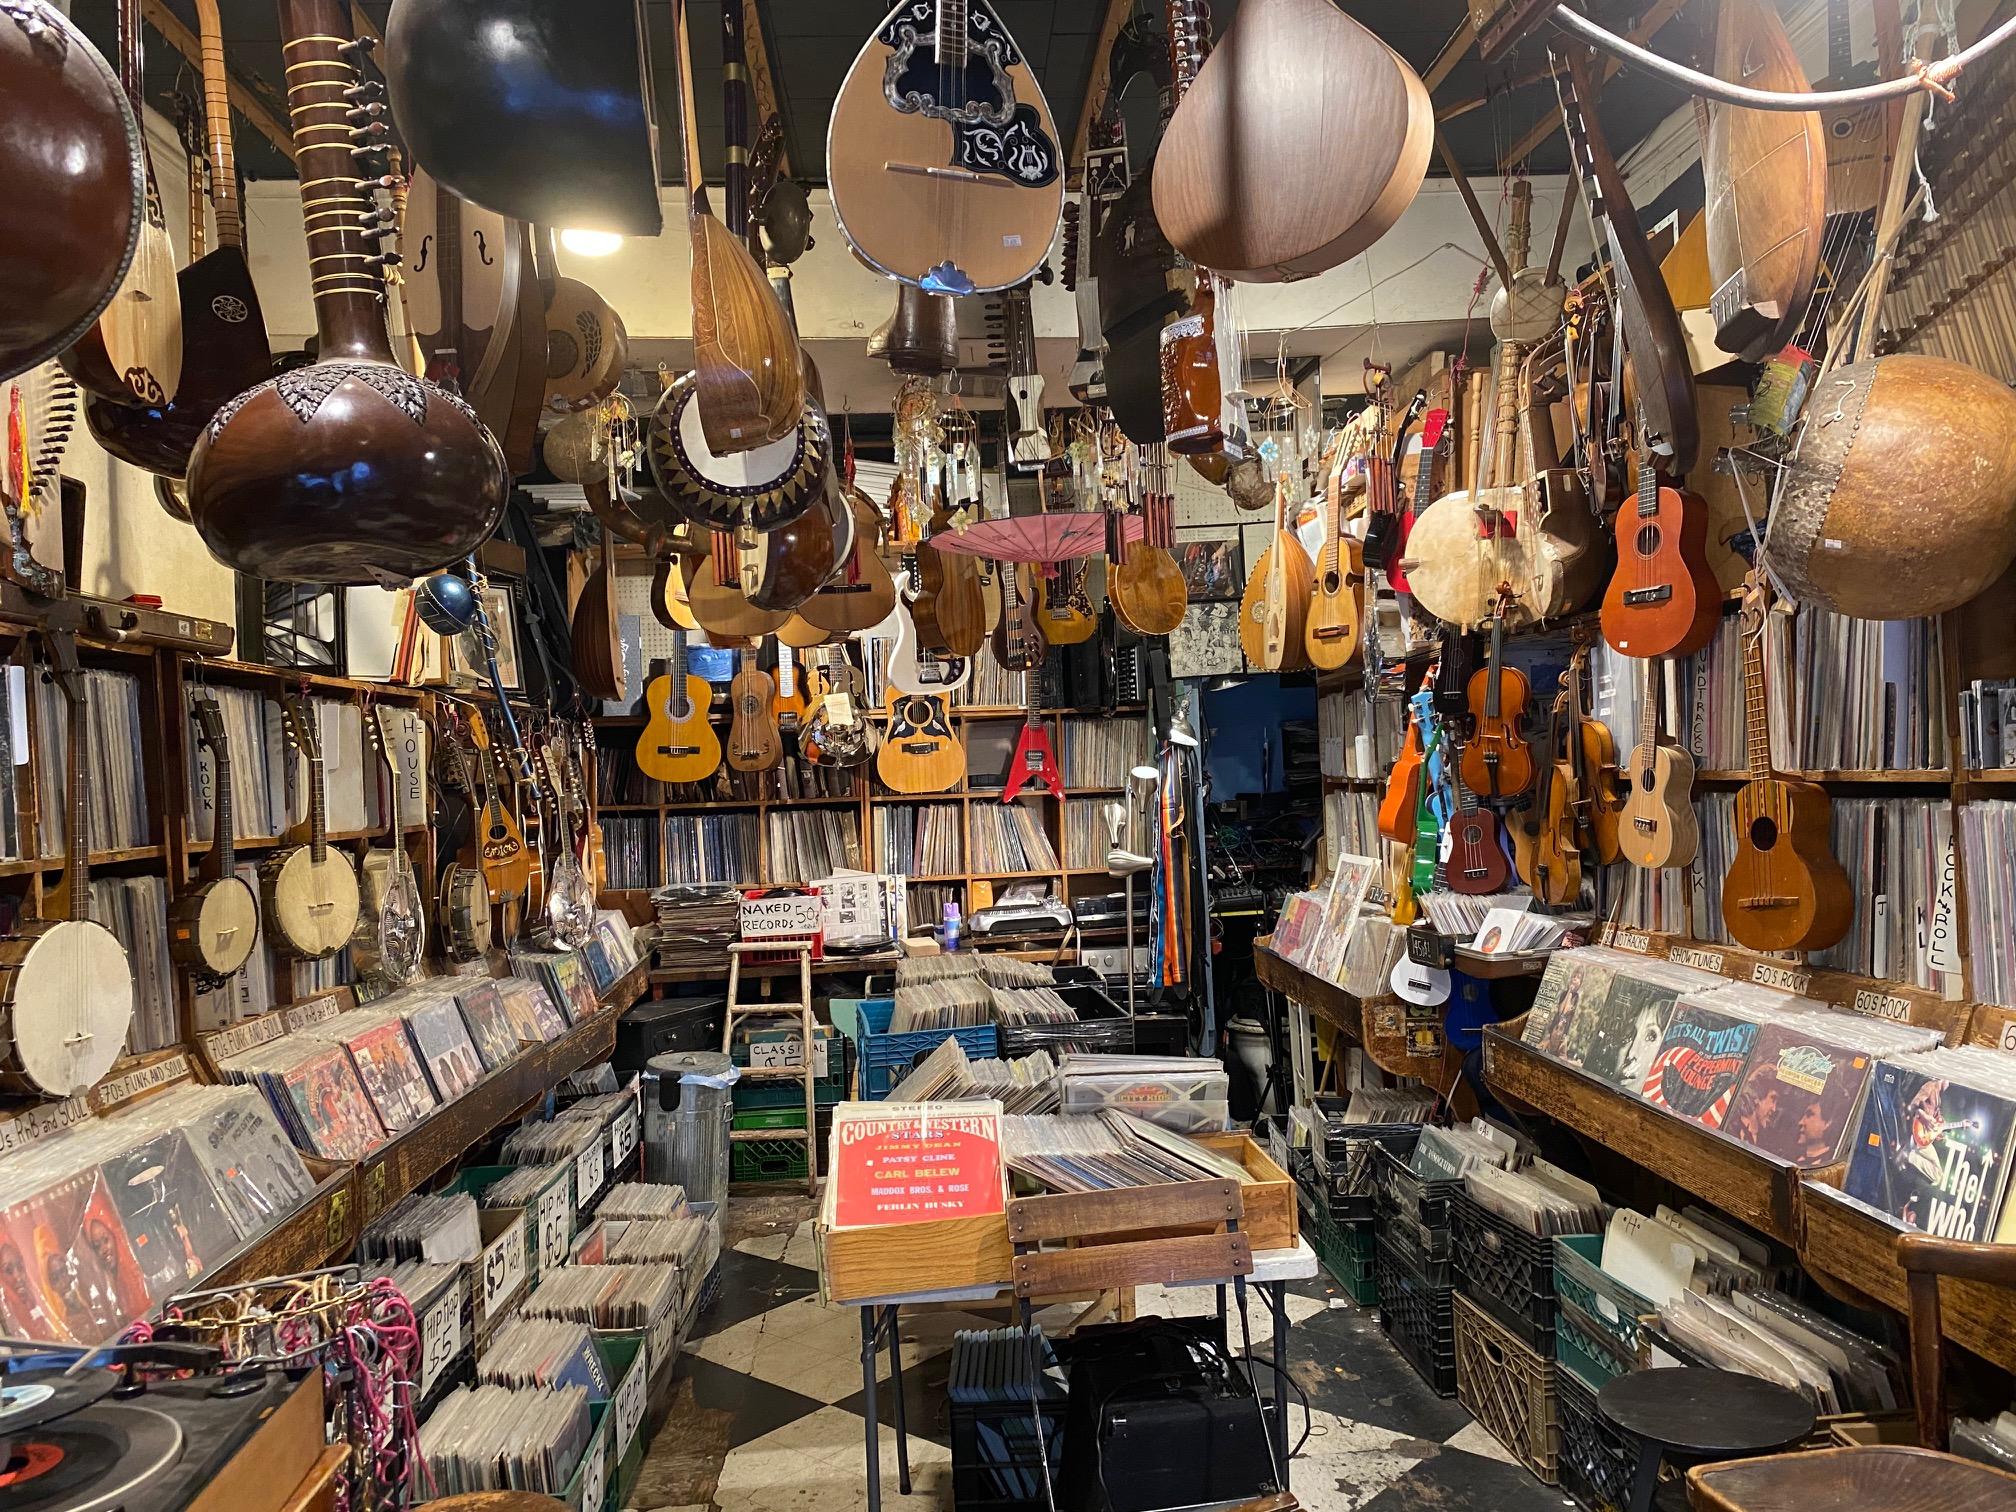 On Location Tours: Mrs. Maisel's Marvelous Tour of New York Music Inn